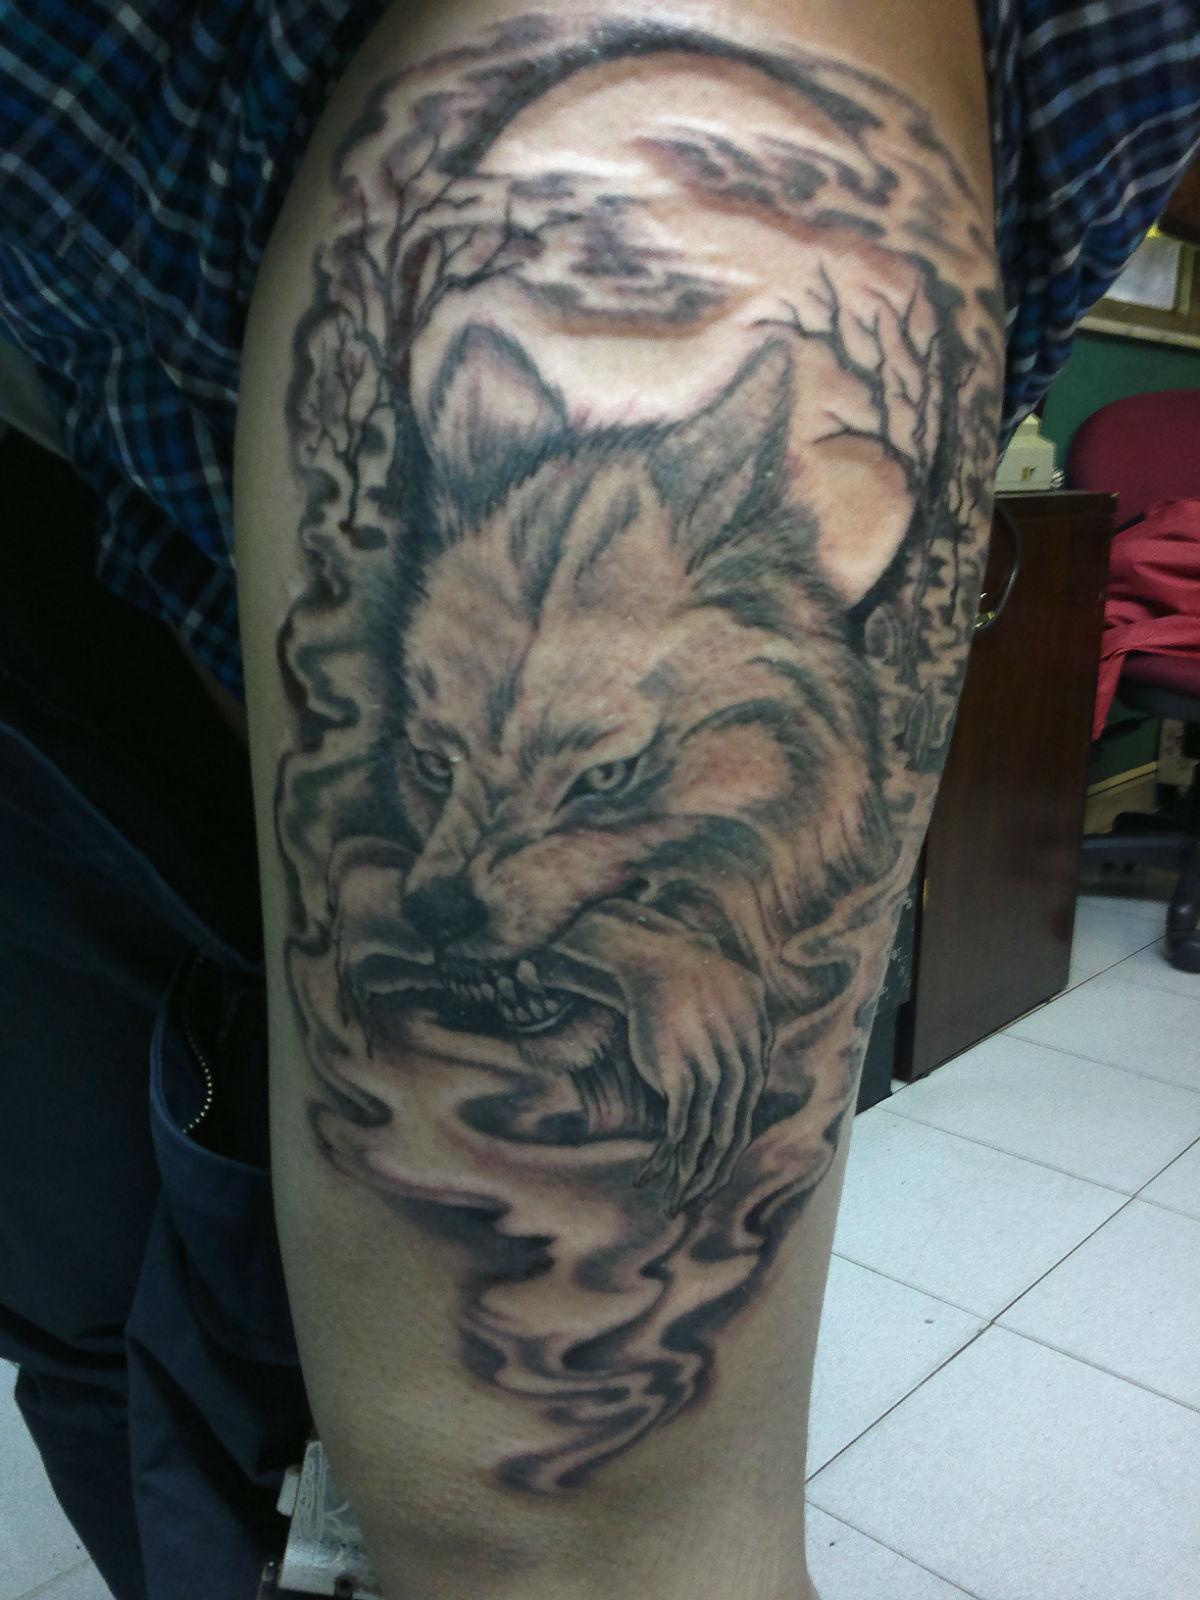 九匹血狼纹身图案_纹身图案狼嘴血_血狼纹身图案大全图片_血狼纹身图案_纹身图案 ...